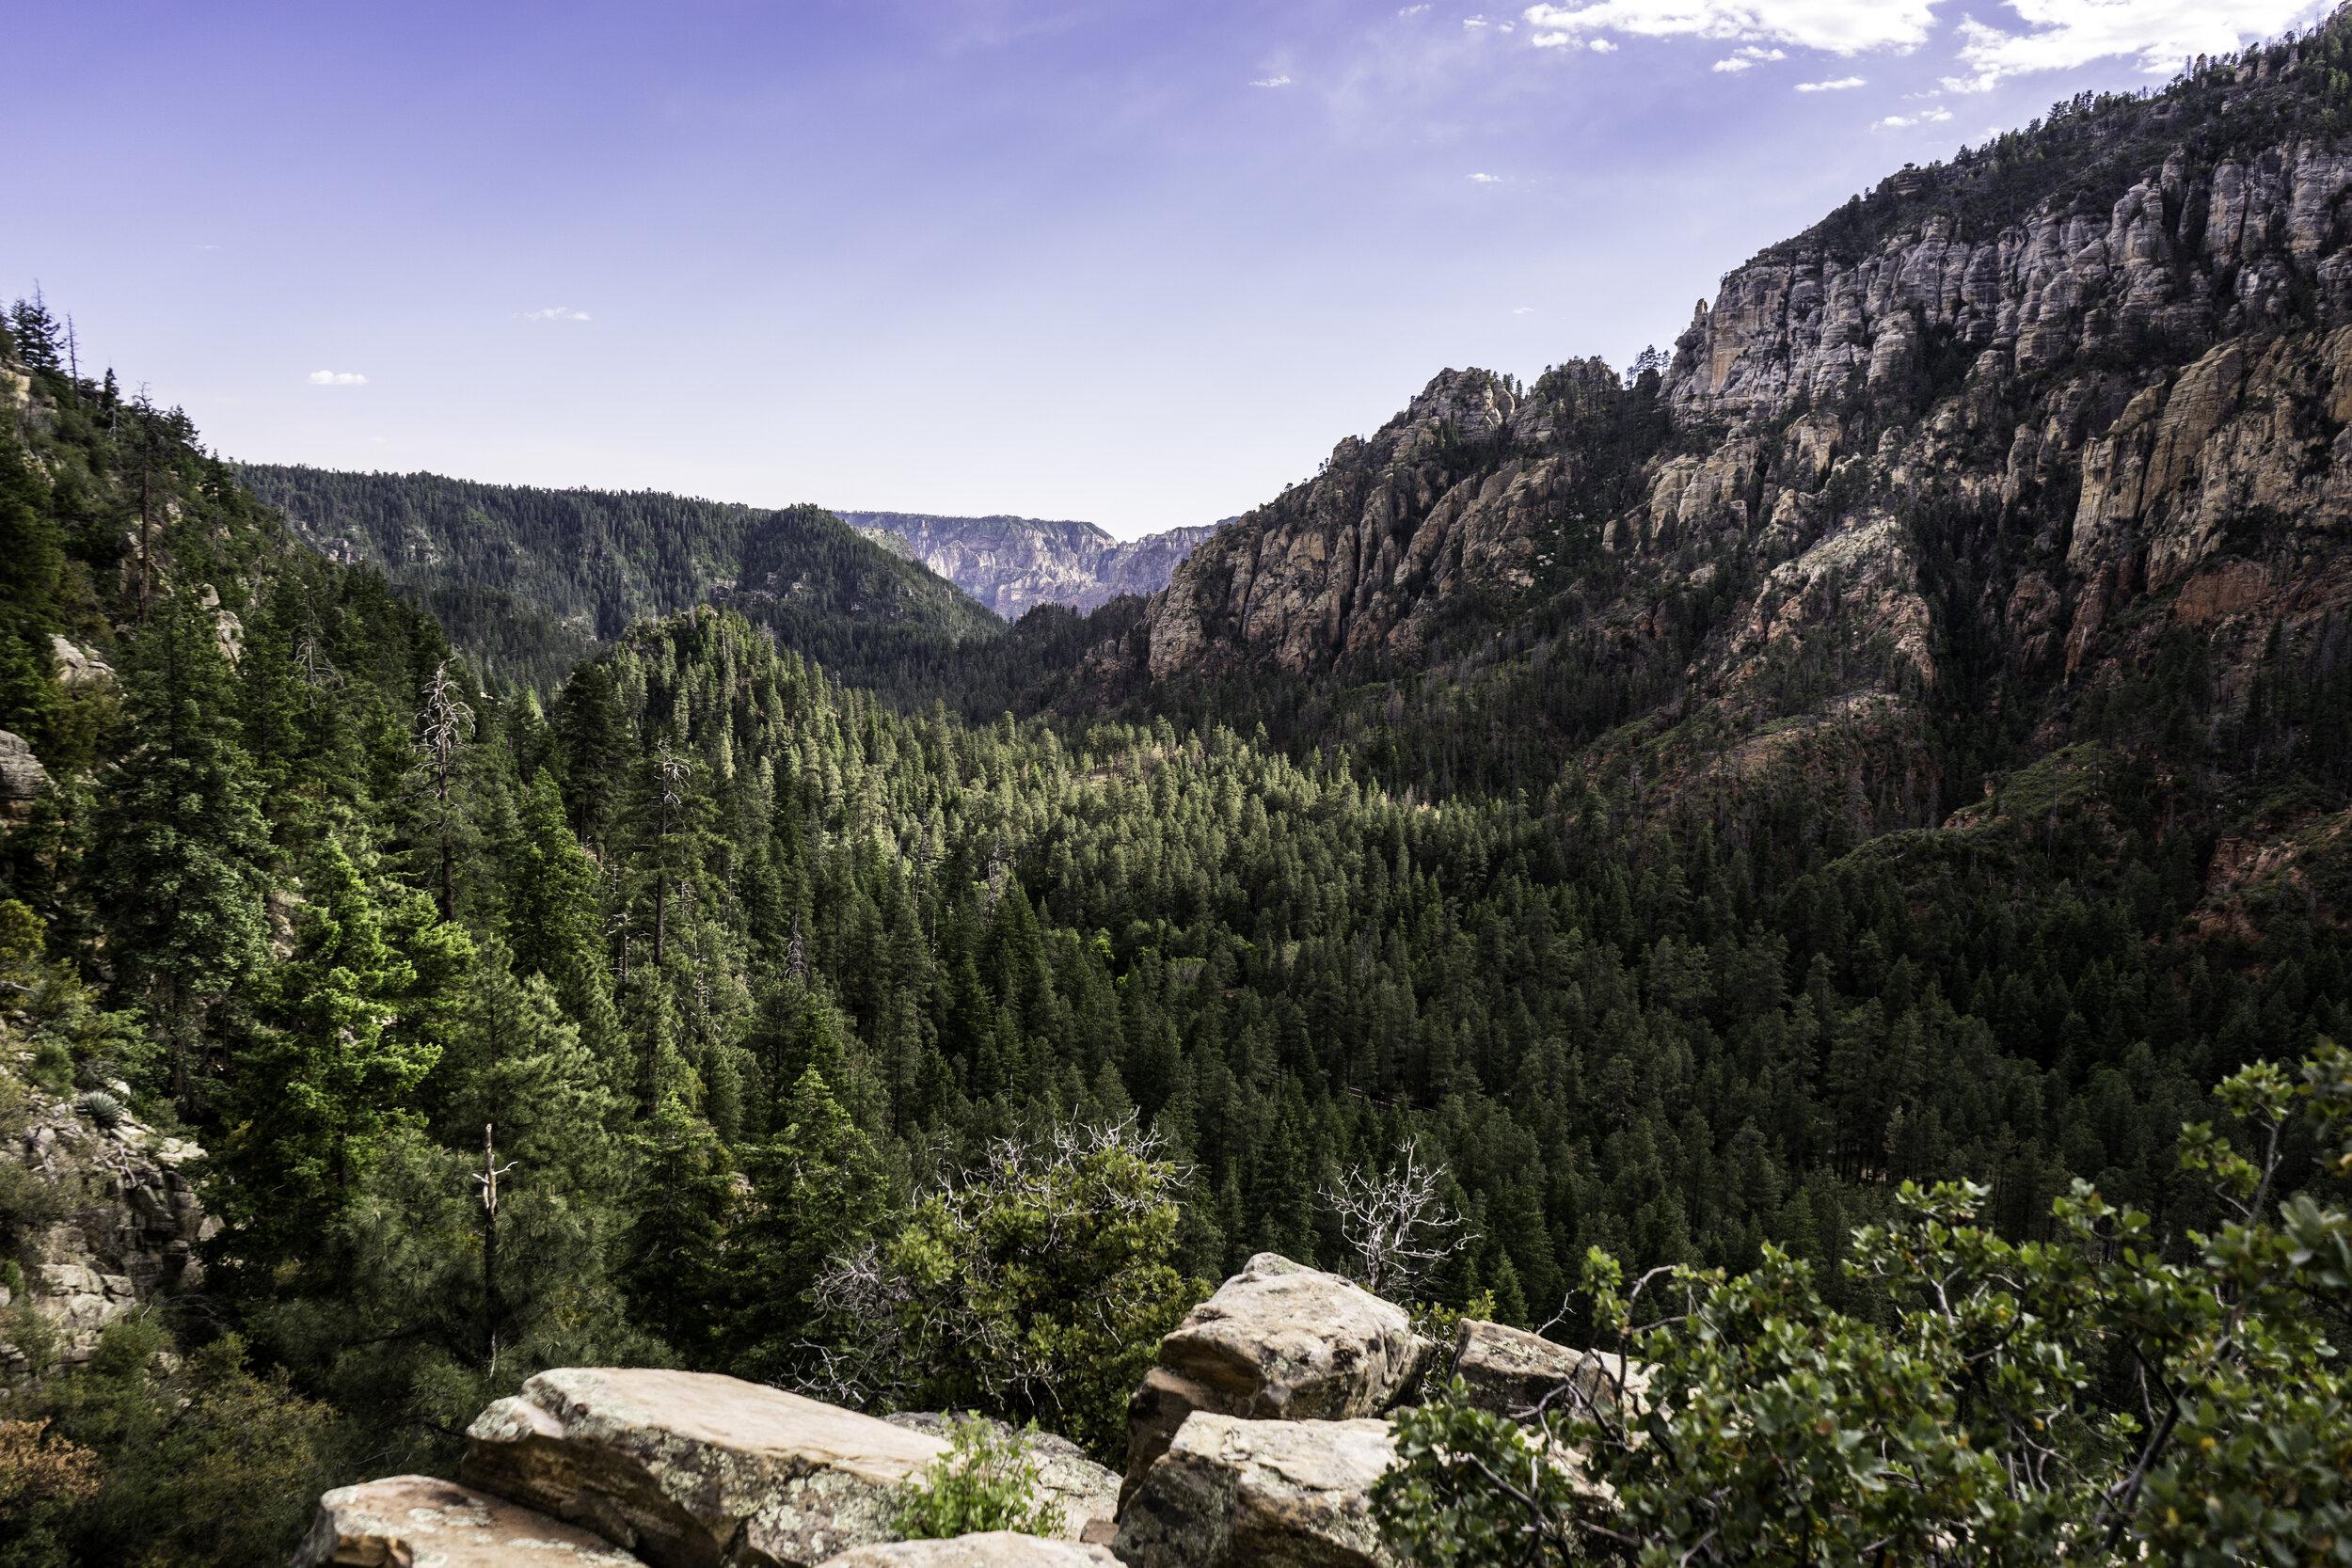 Scenic overlook of Oak Creek Canyon in Sedona, Arizona